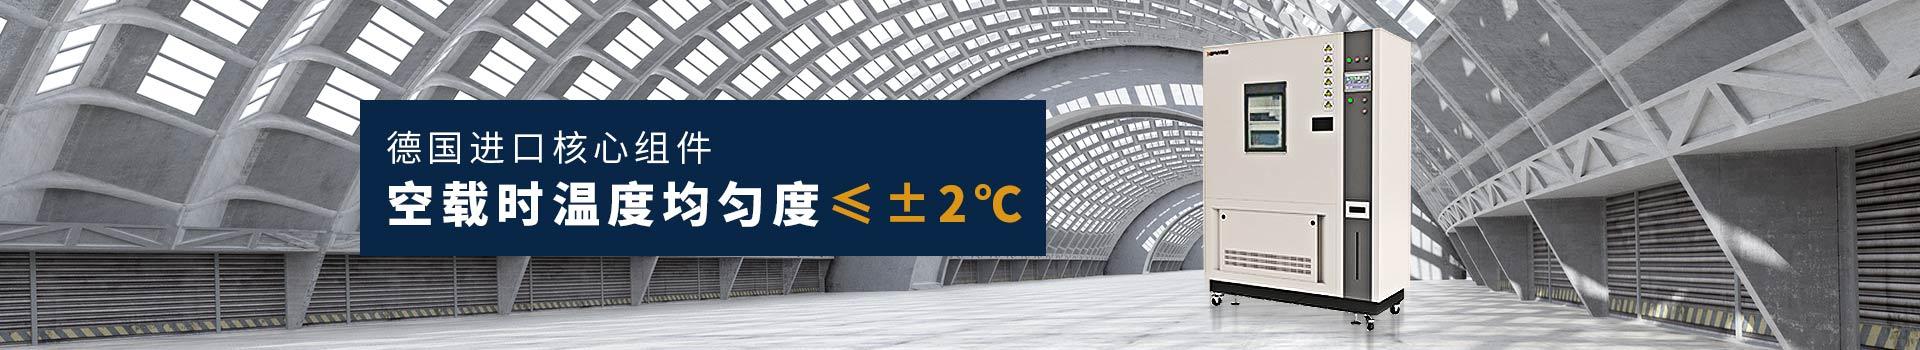 高低温试验箱:法国、韩国进口核心组件